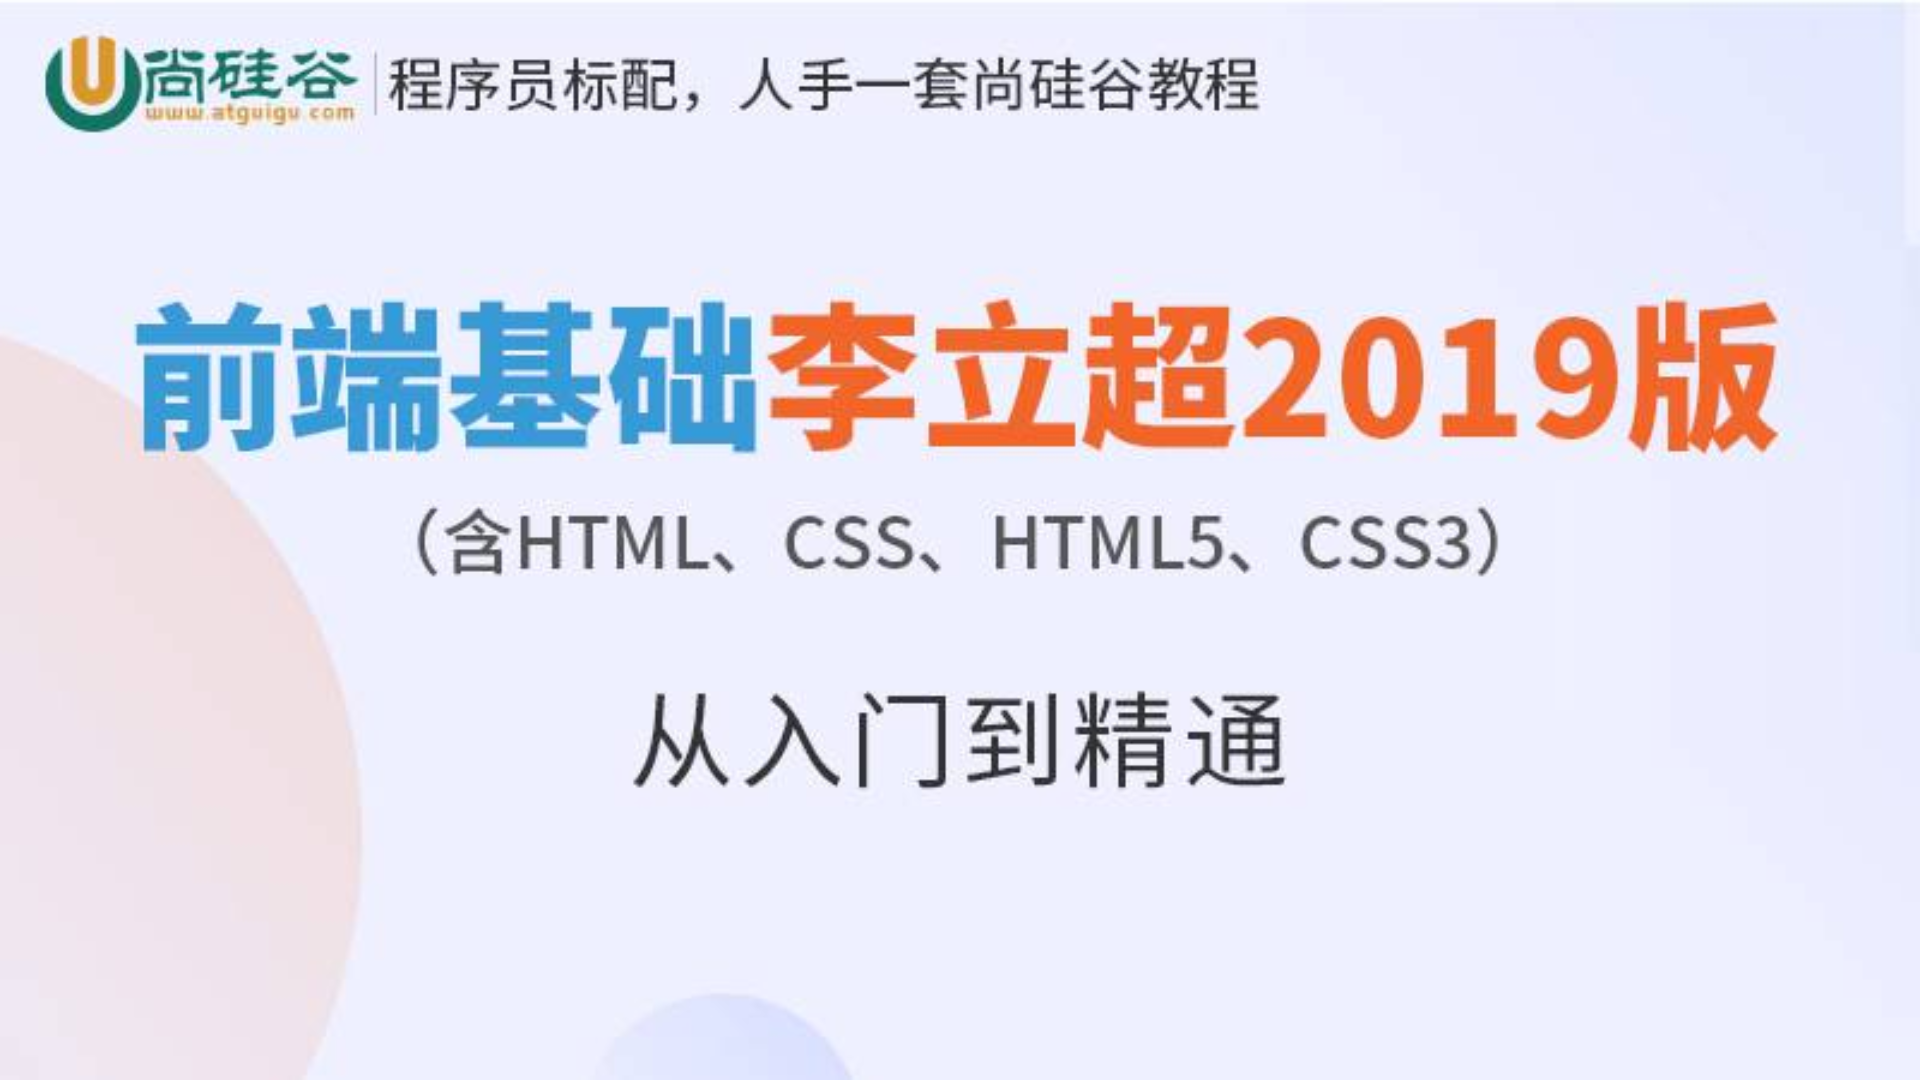 尚硅谷_前端基础_李立超2019版(含HTML、CSS、 HTML5、CSS3) 一